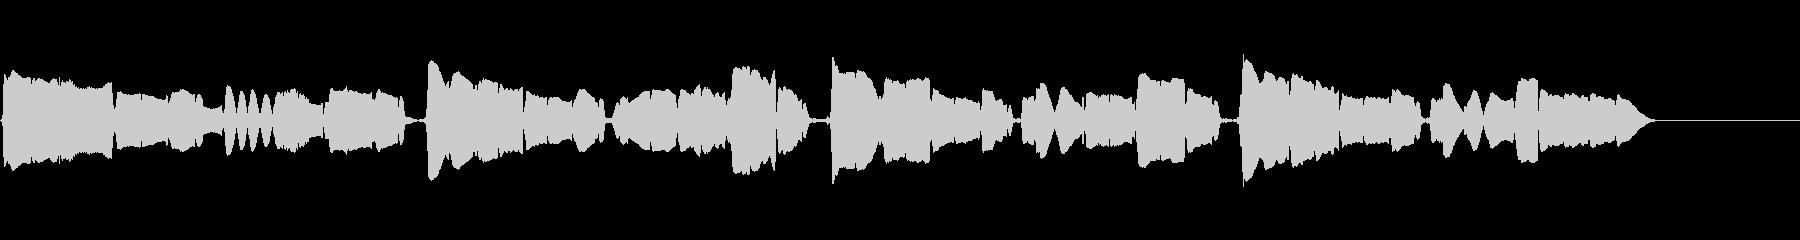 サックスの重奏です。の未再生の波形